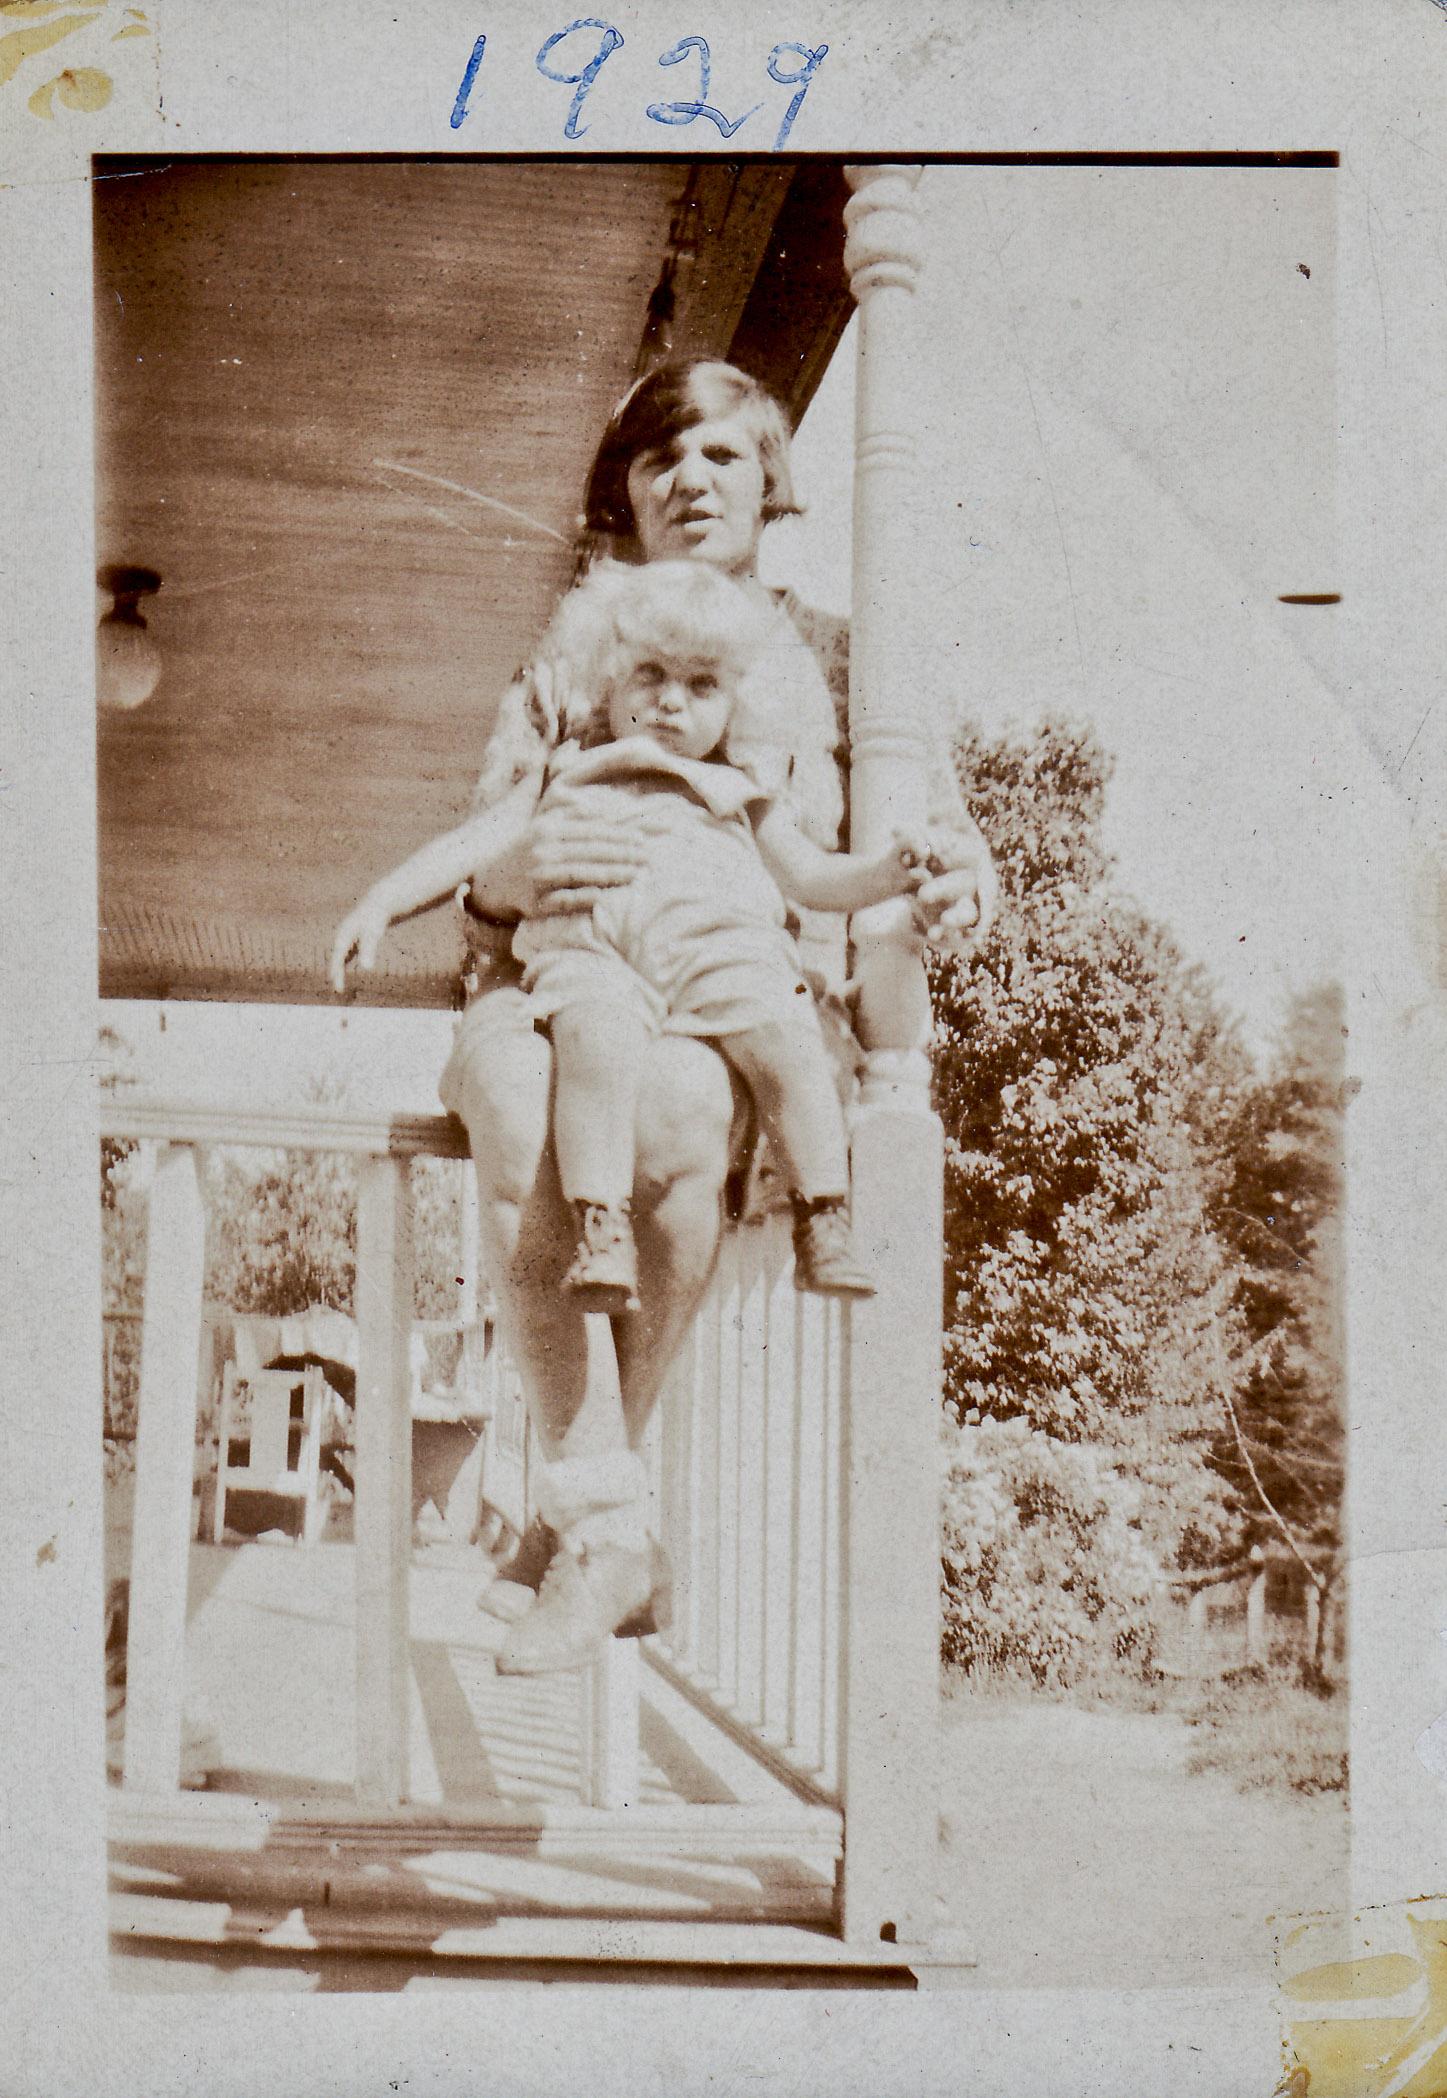 Fay & Morty  - 1929